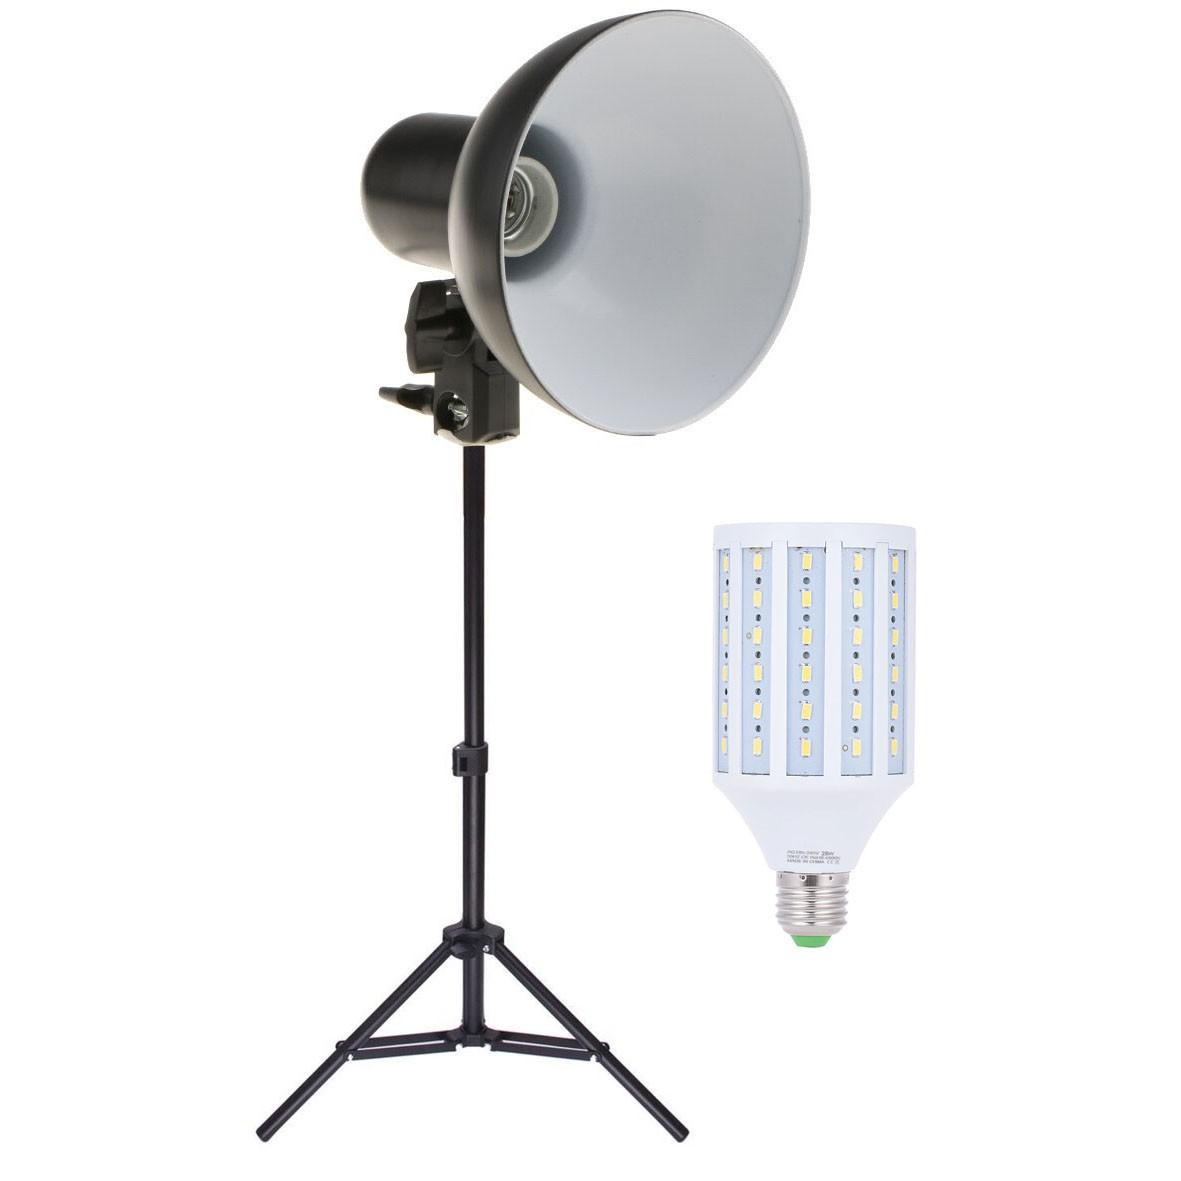 Kit Iluminador Foto e Vídeo Refletor FV414 28W com Tripé 75cm  - Diafilme Materiais Fotográficos